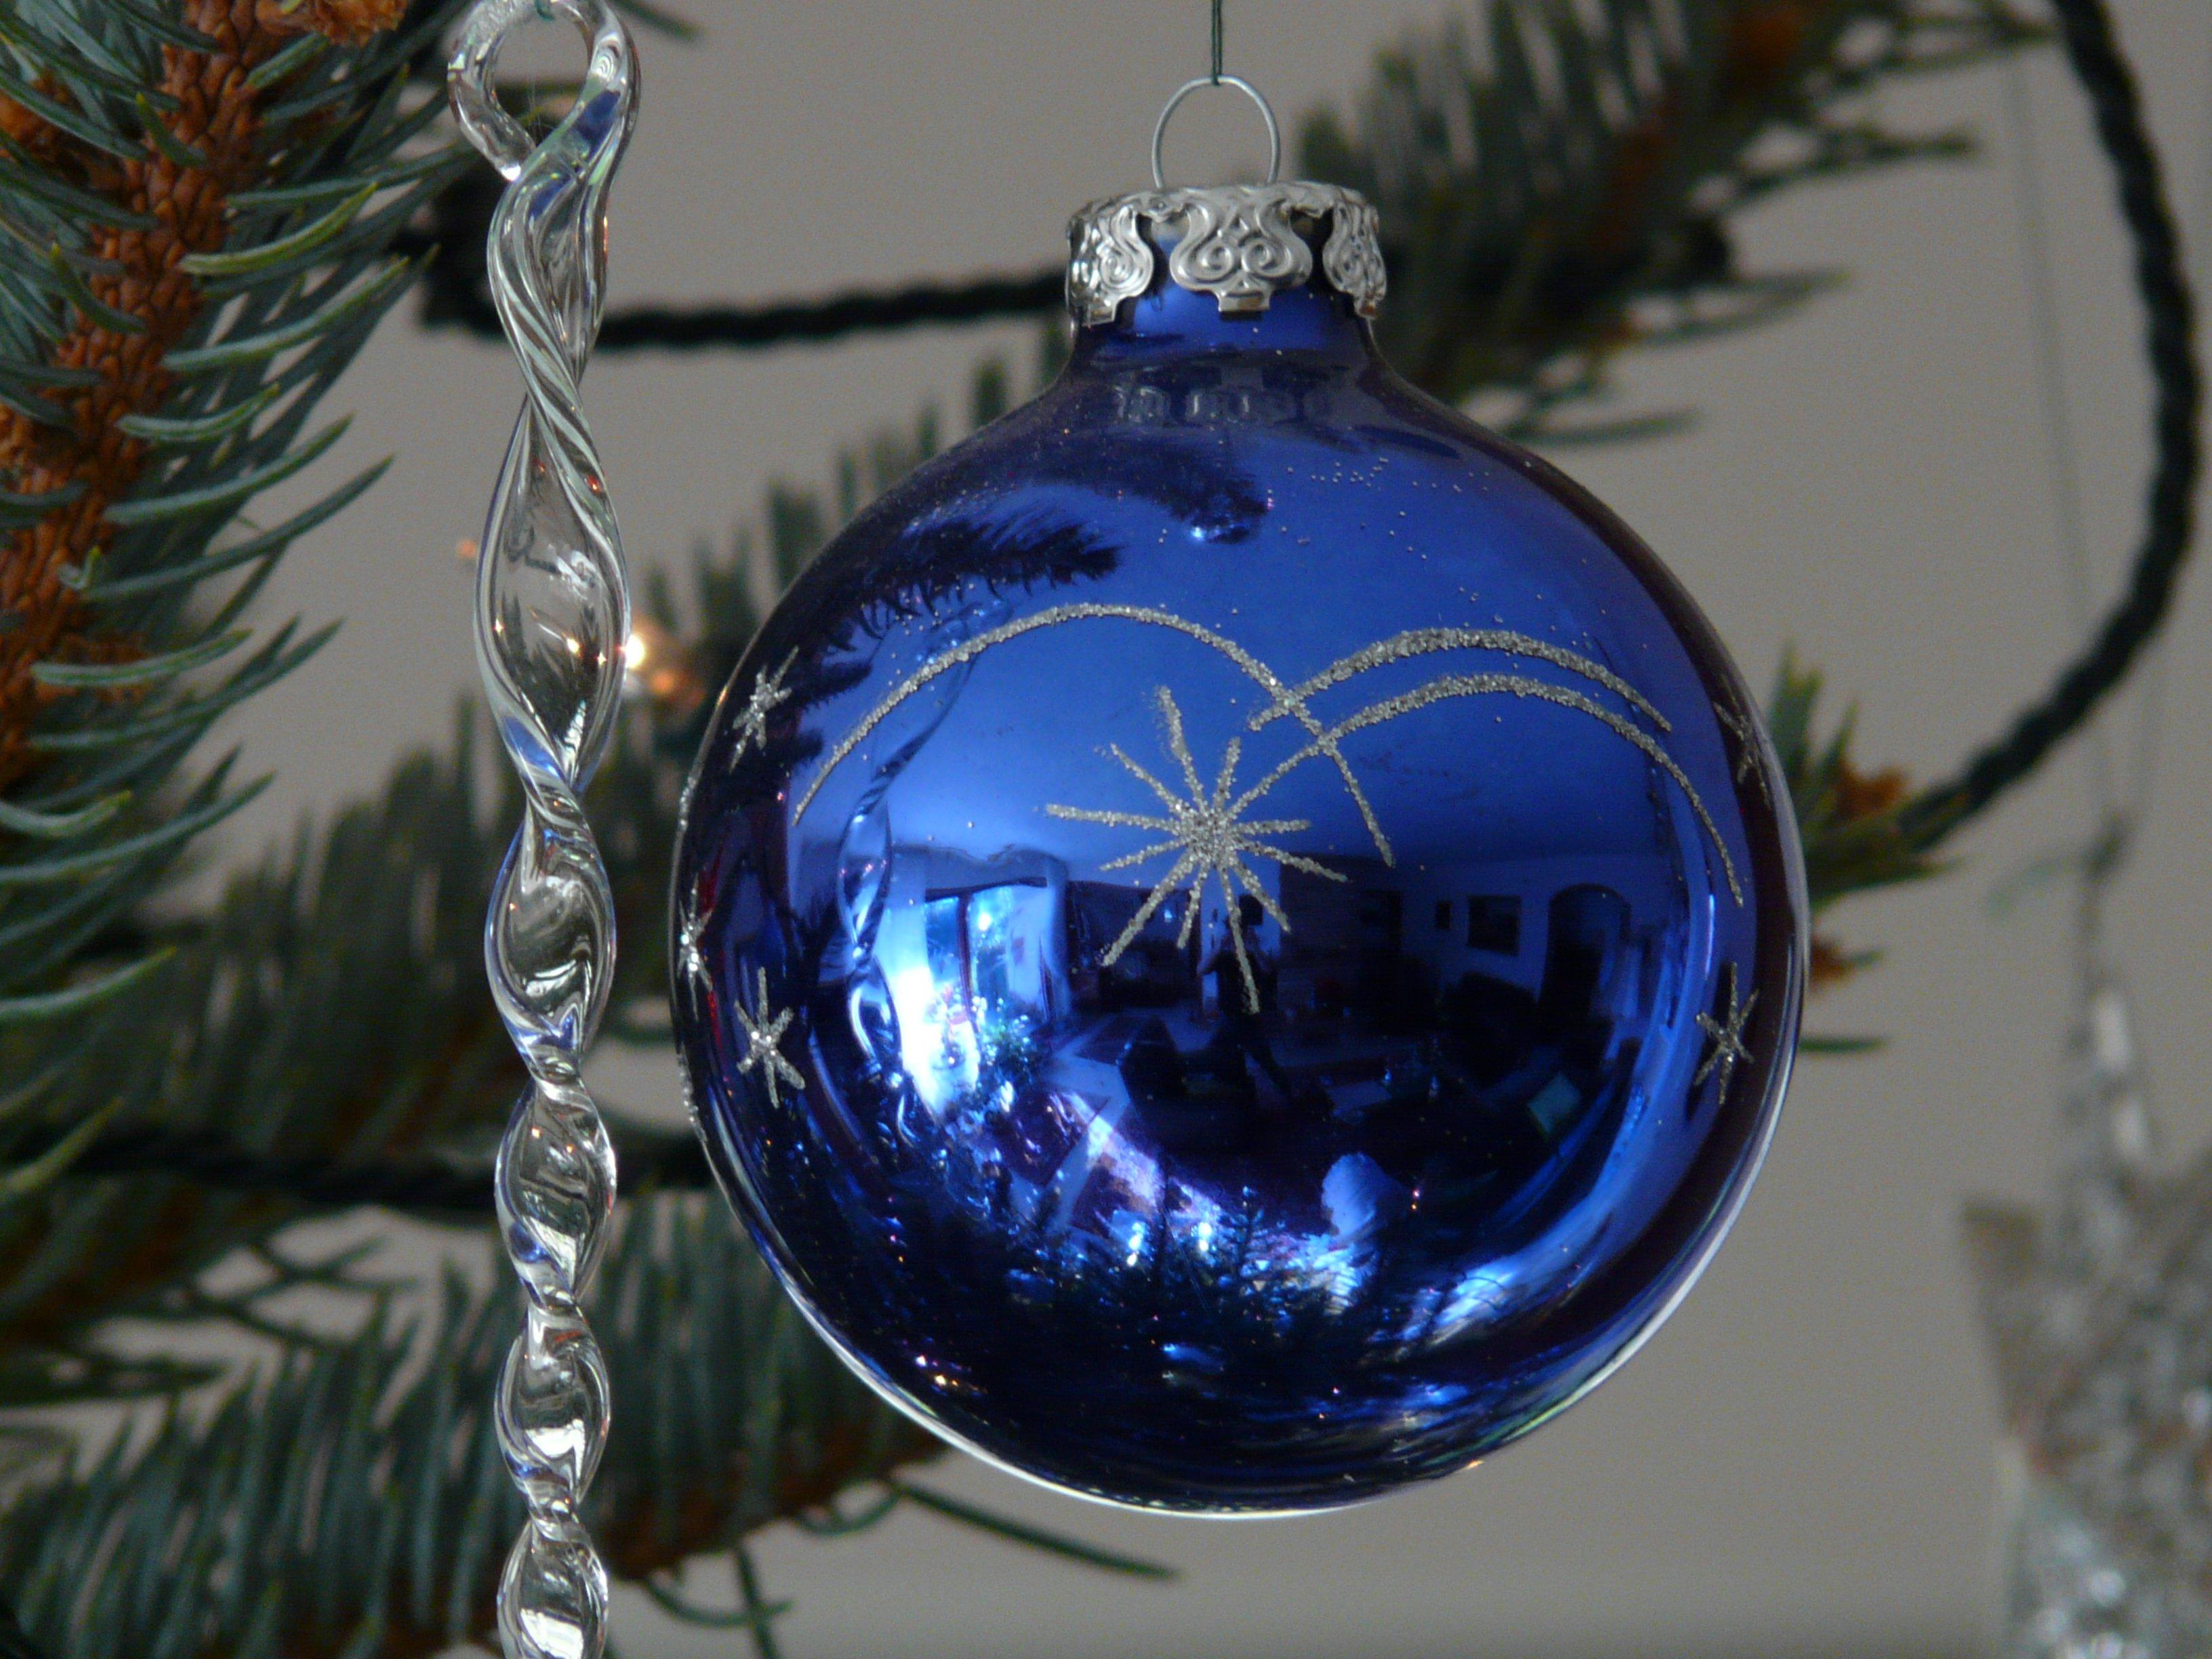 Gratis Afbeeldingen : licht, glas, blauw, Kerstmis, verlichting ...